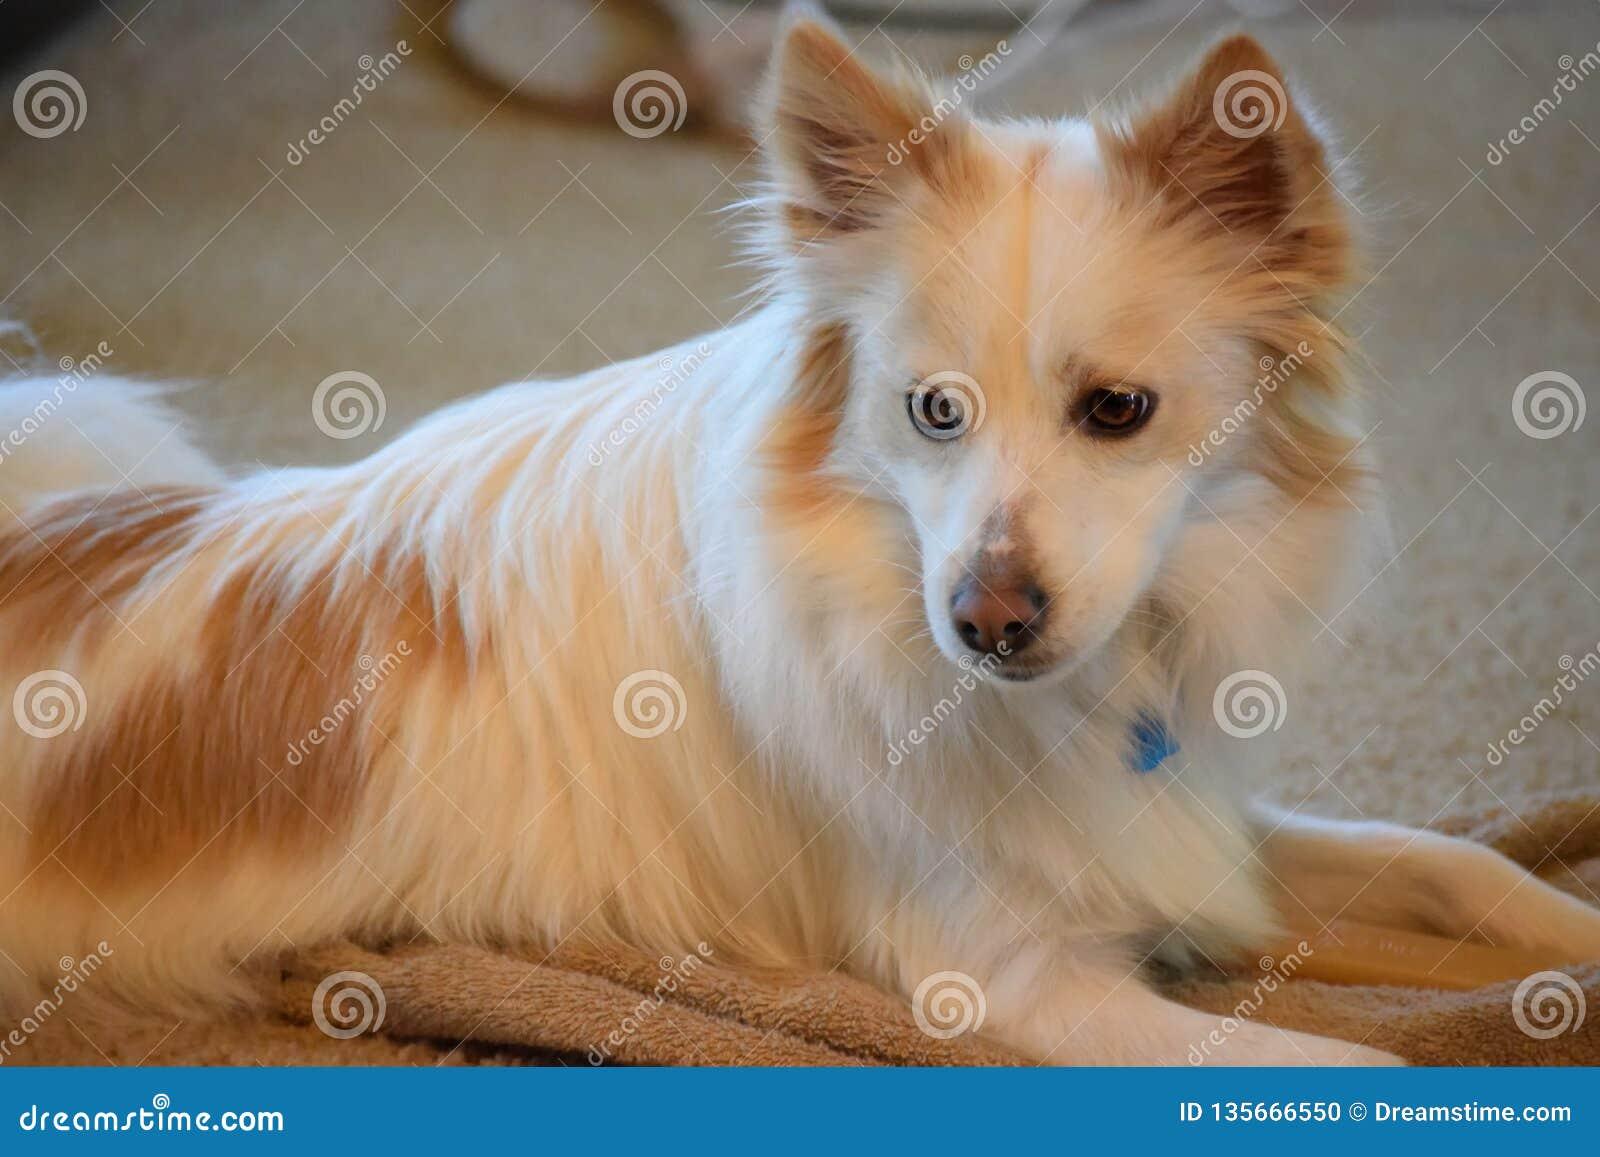 Uppmärksamma hundextraförmåner upp och att hålla ögonen på rummet